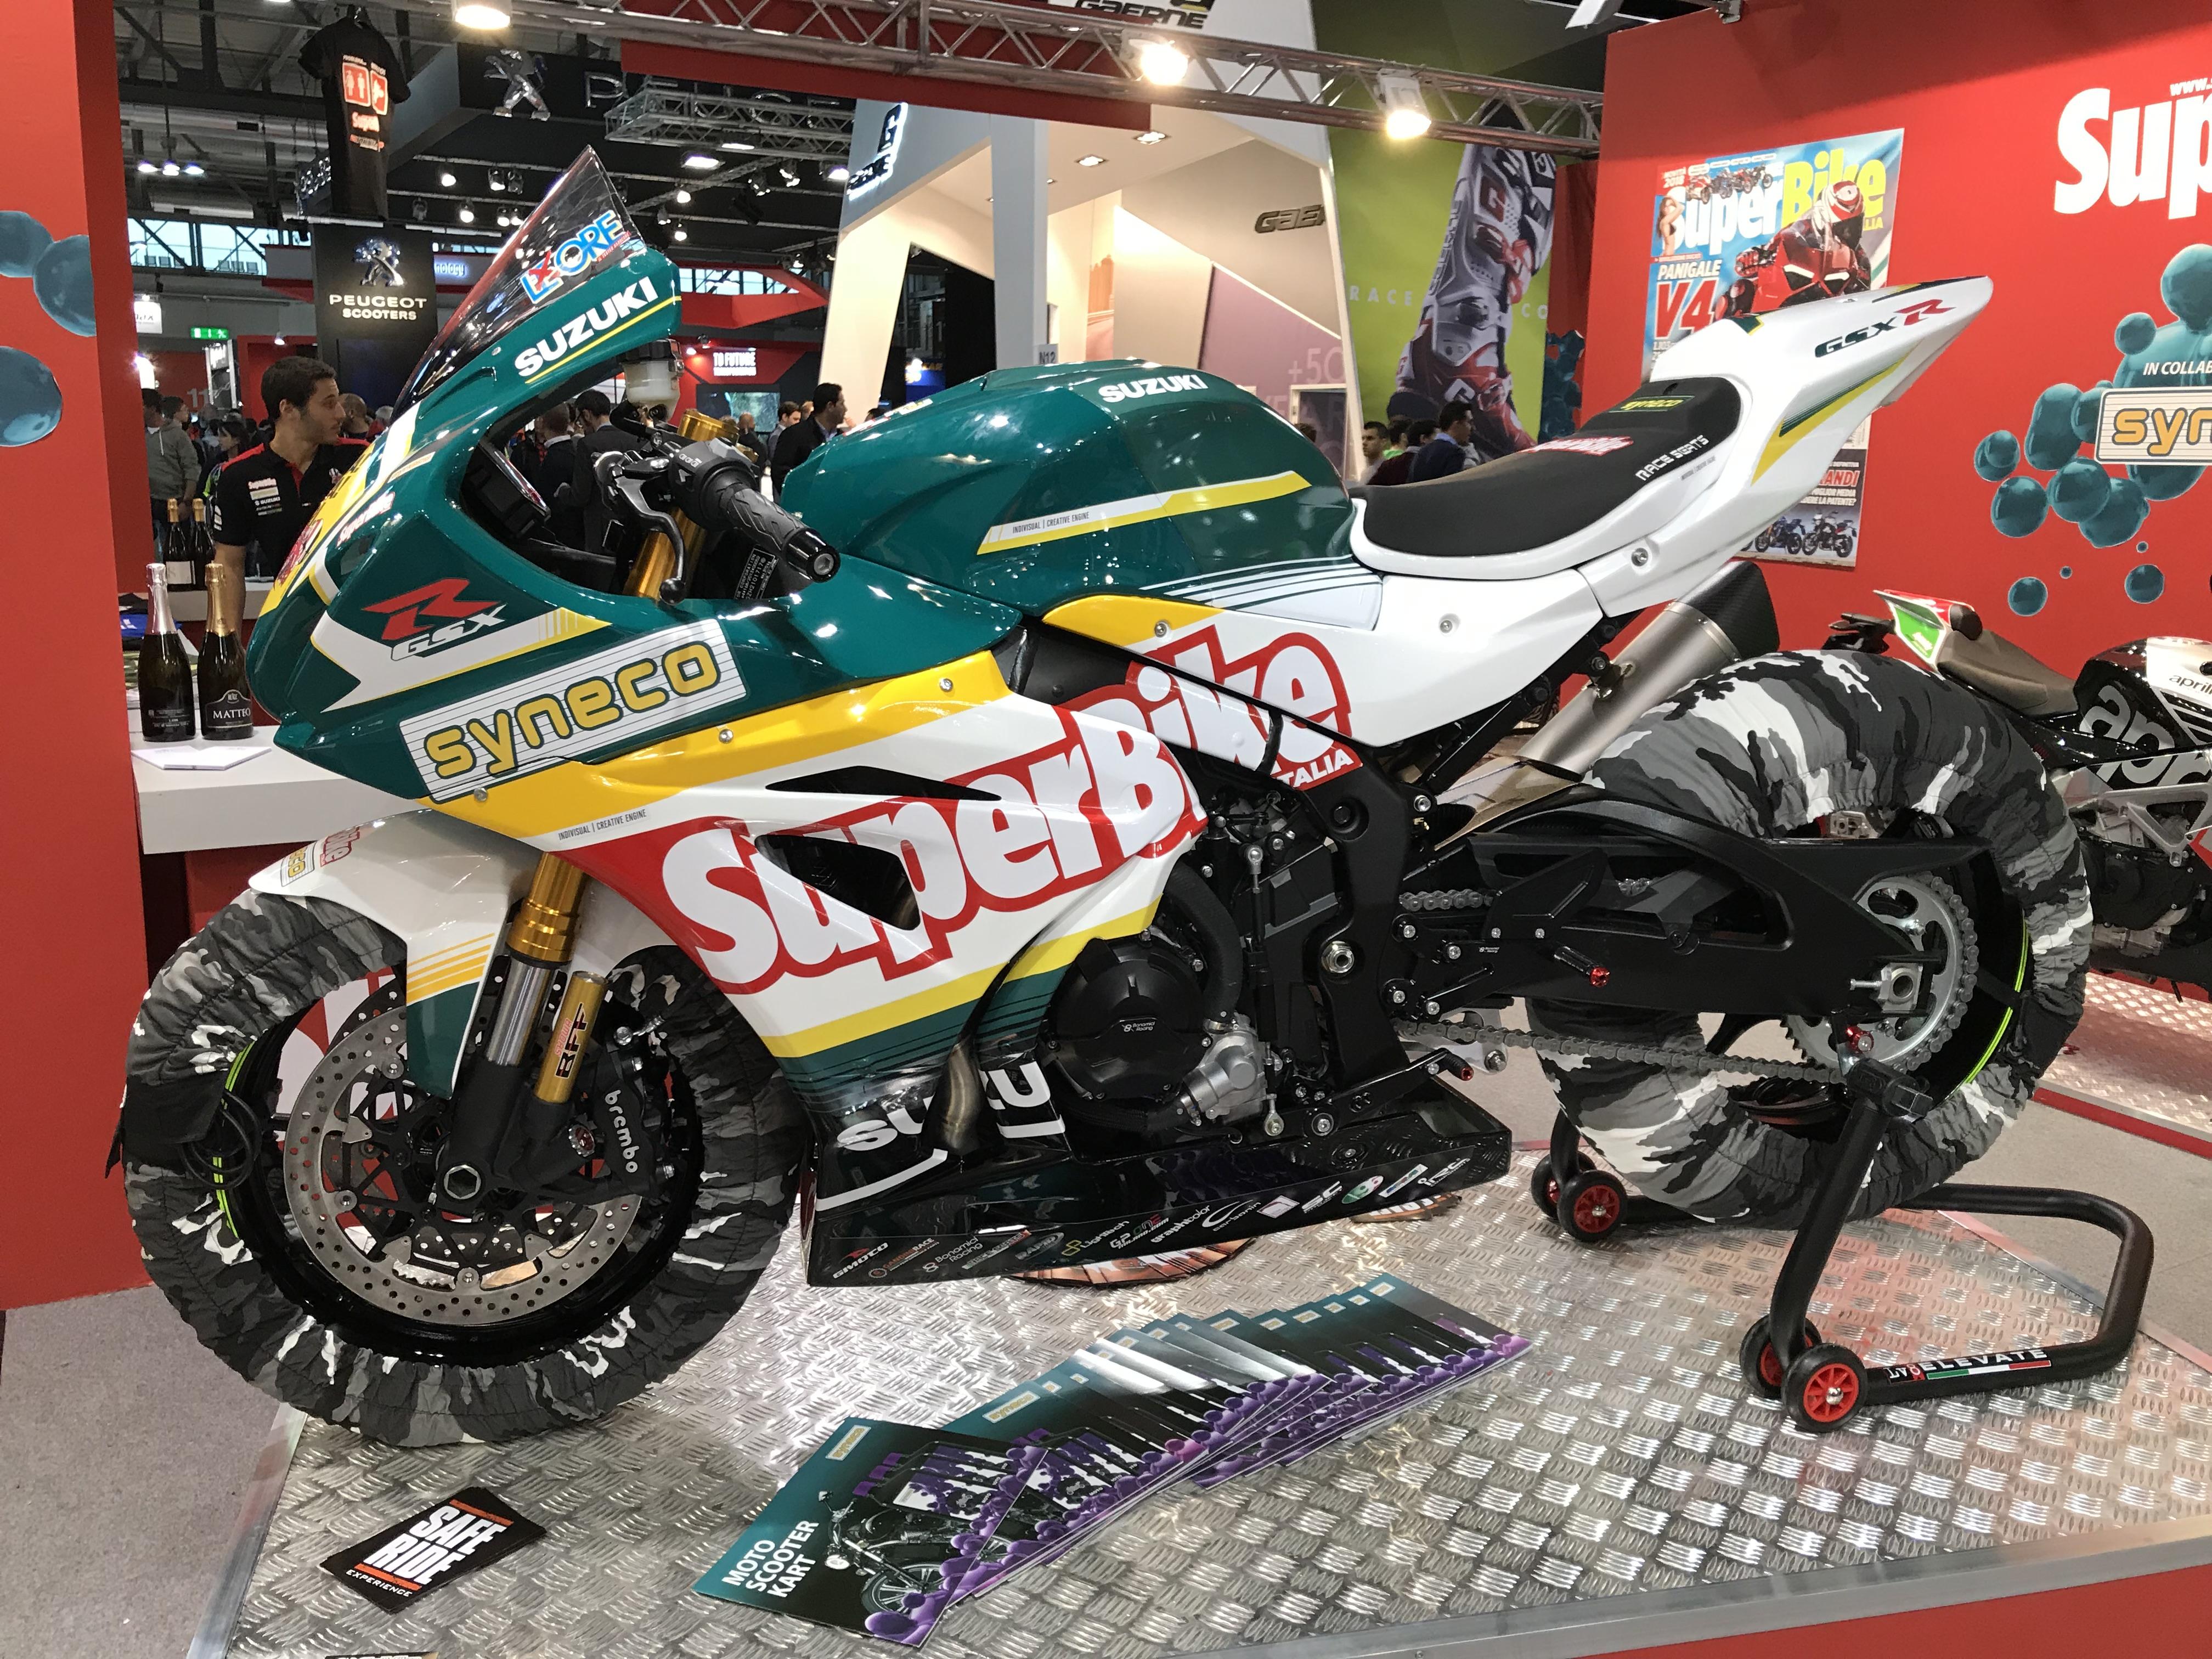 Suzuki GSX-R Superbike